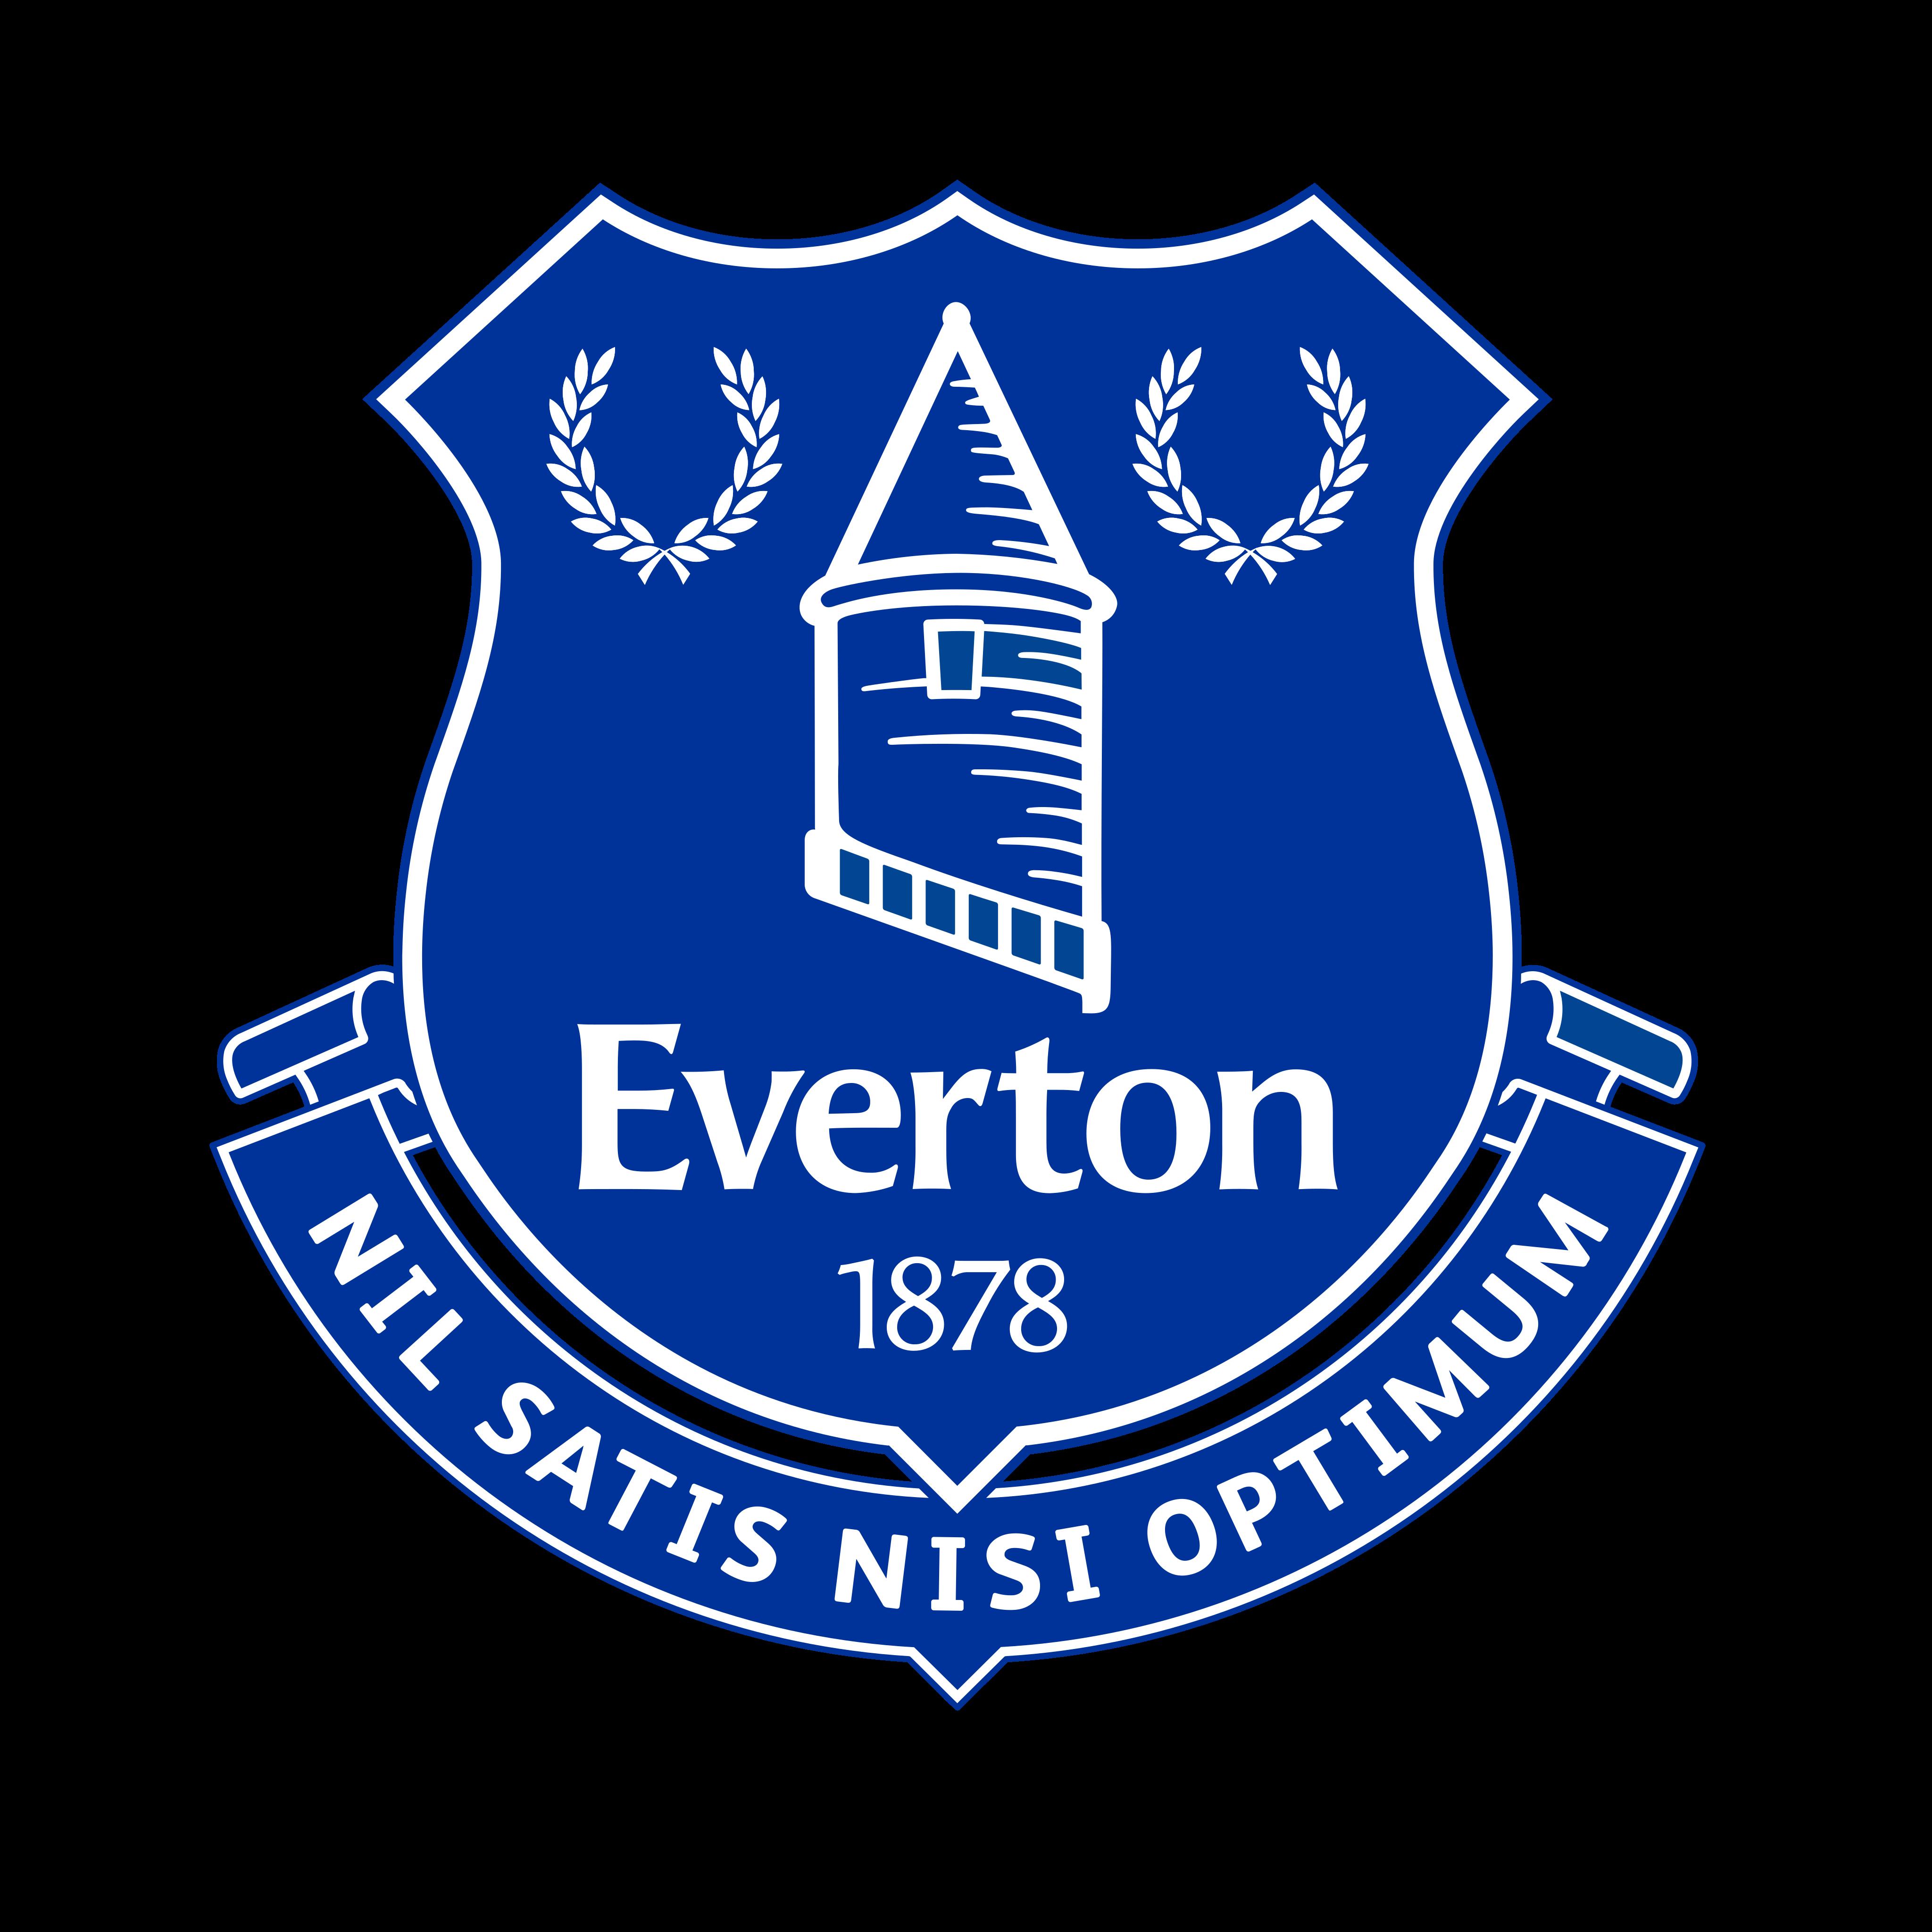 everton logo escudo 0 - Everton FC Logo